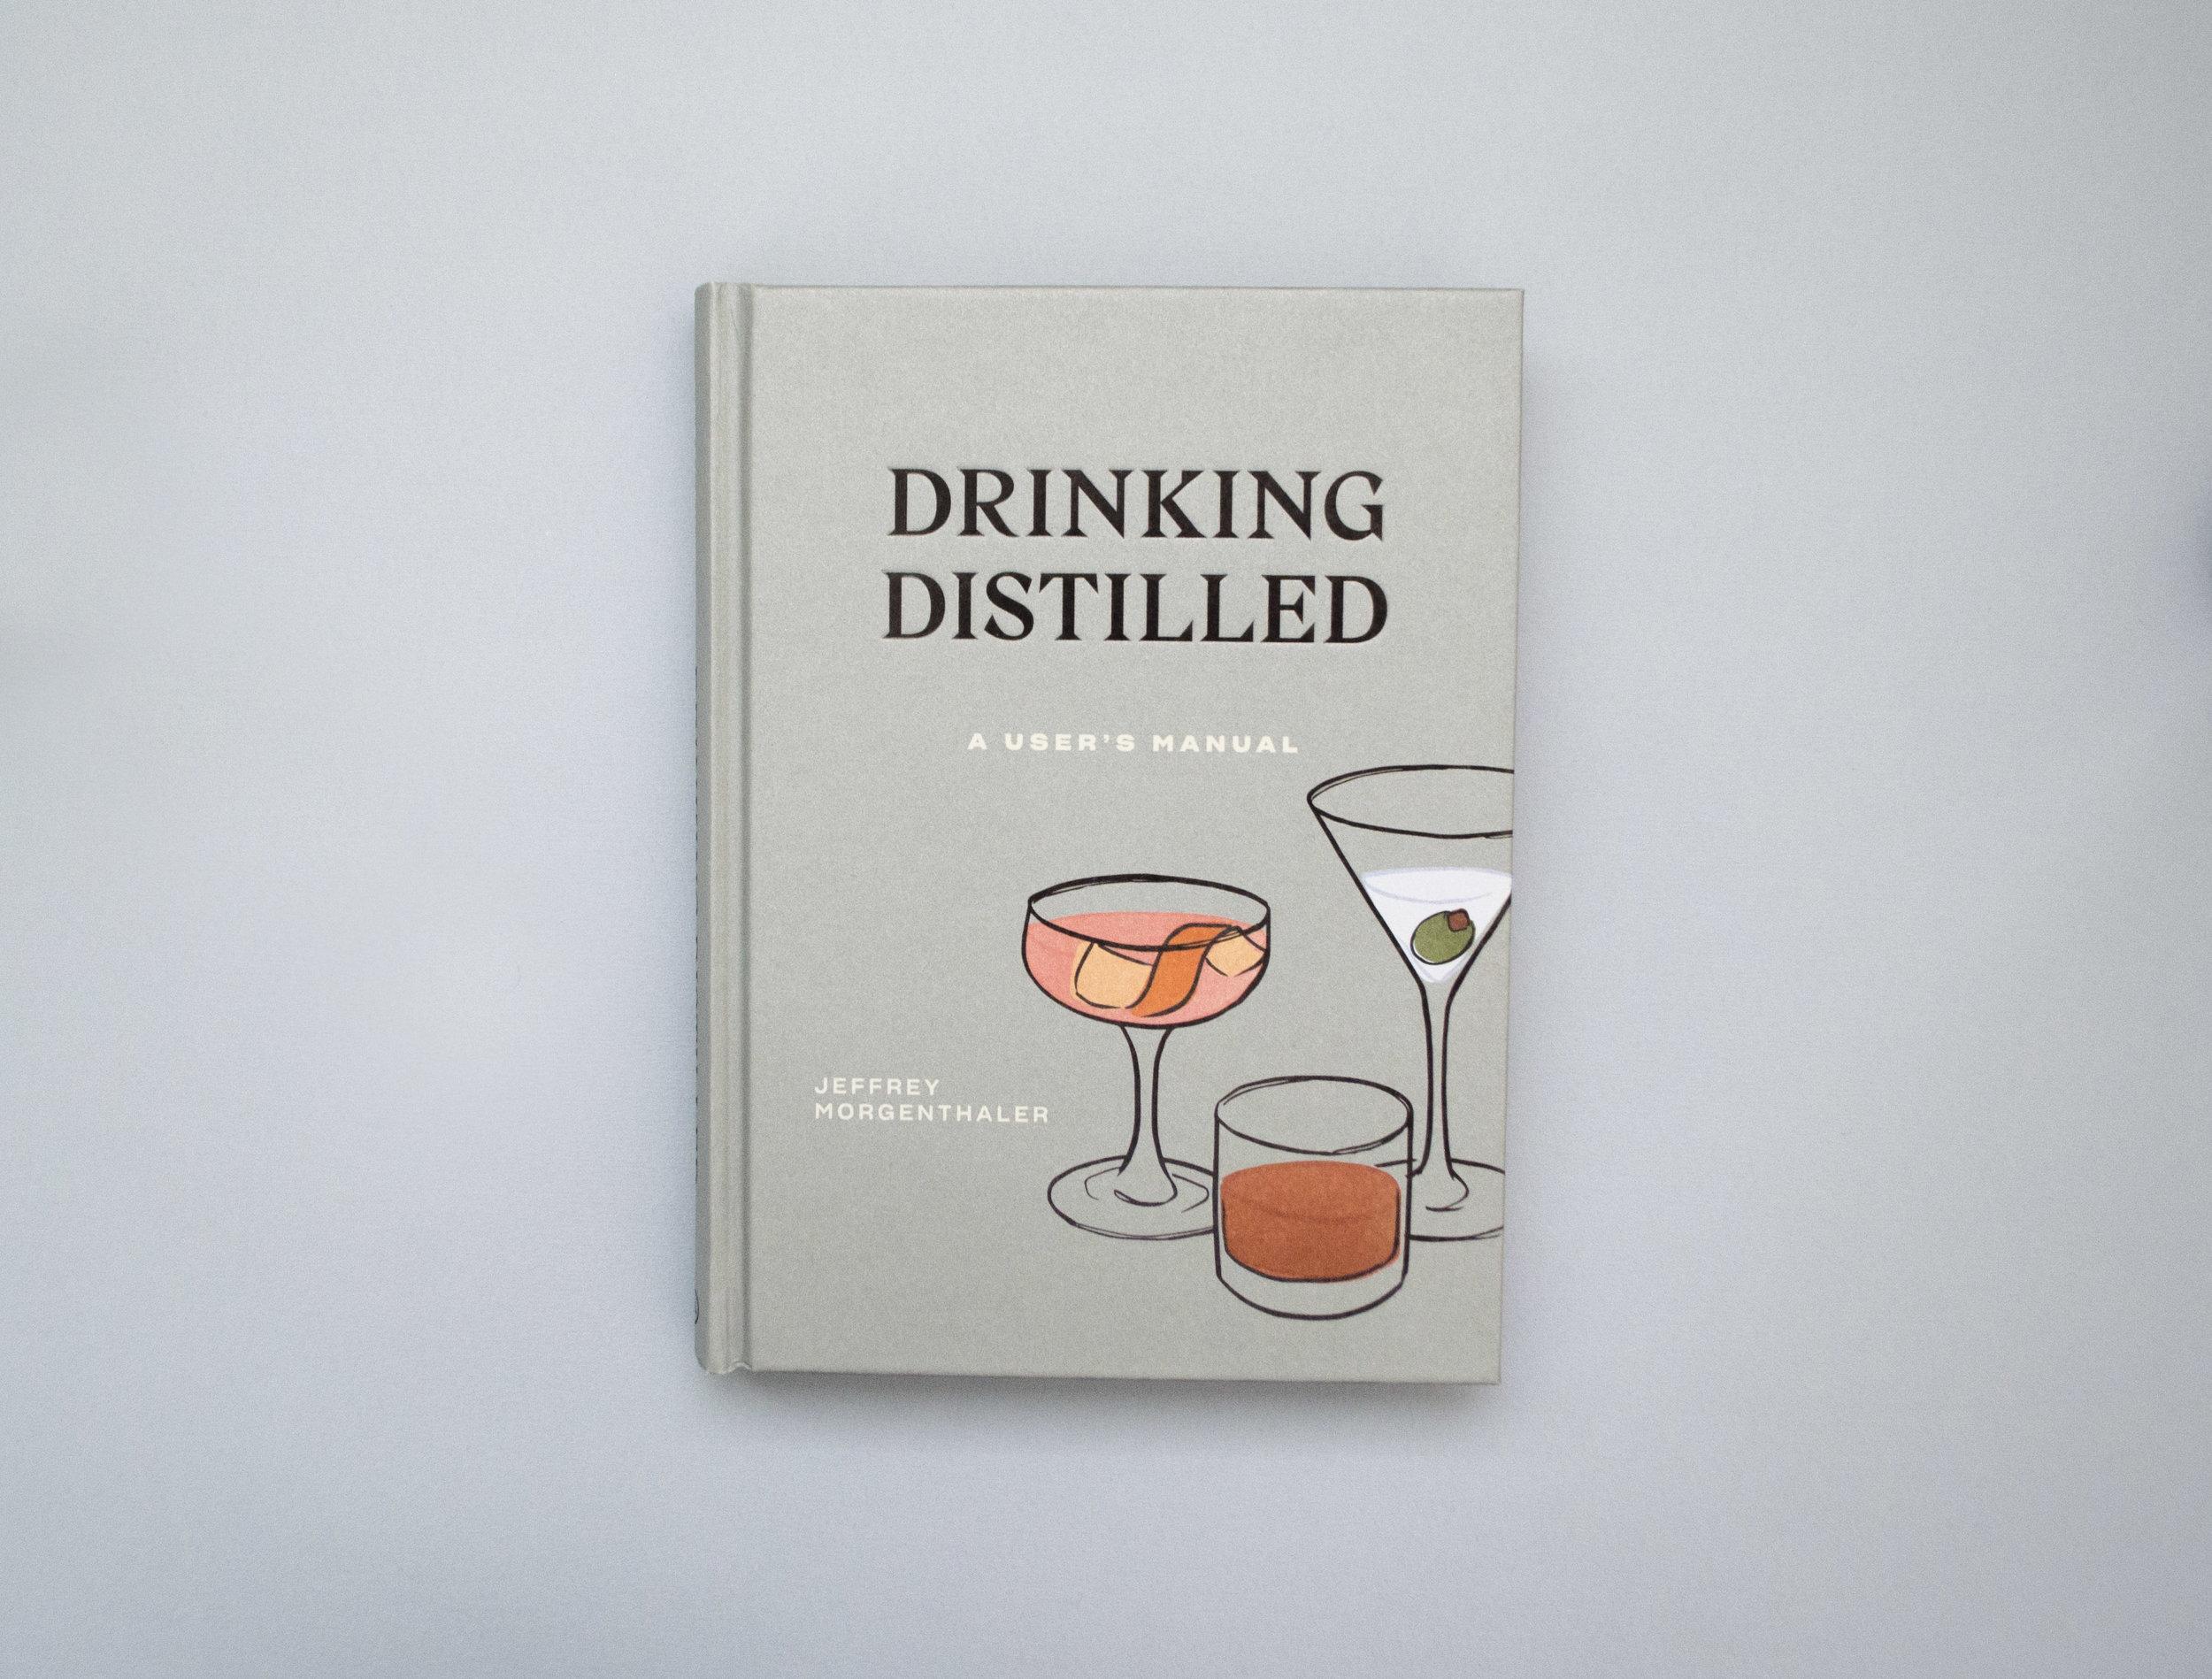 DrinkingDistilled_portfolio_cover.jpg